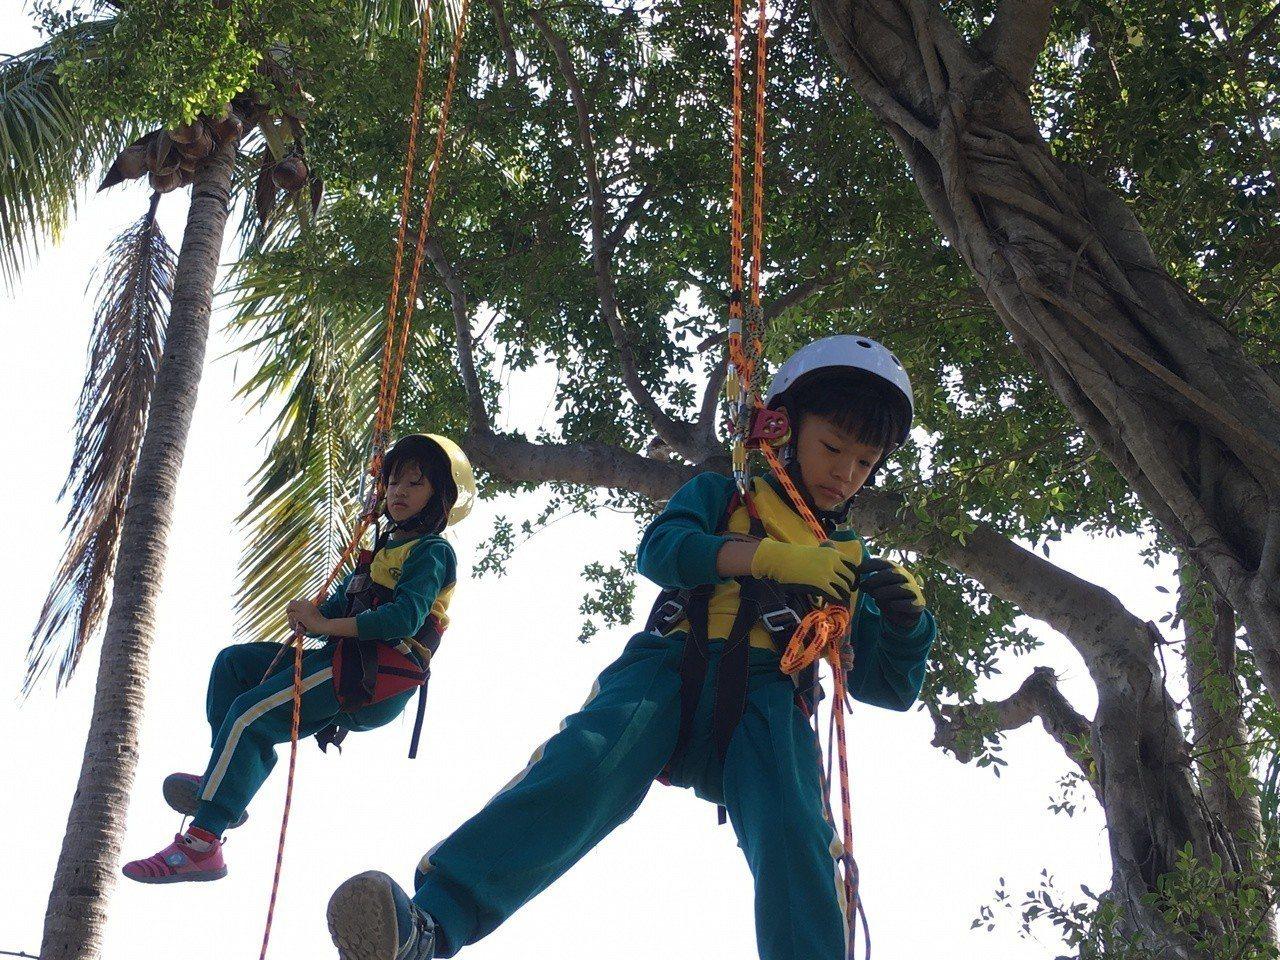 學童在公辦公營的實驗小學壽山國小,參加探索教育攀樹課程。圖/壽山國小提供